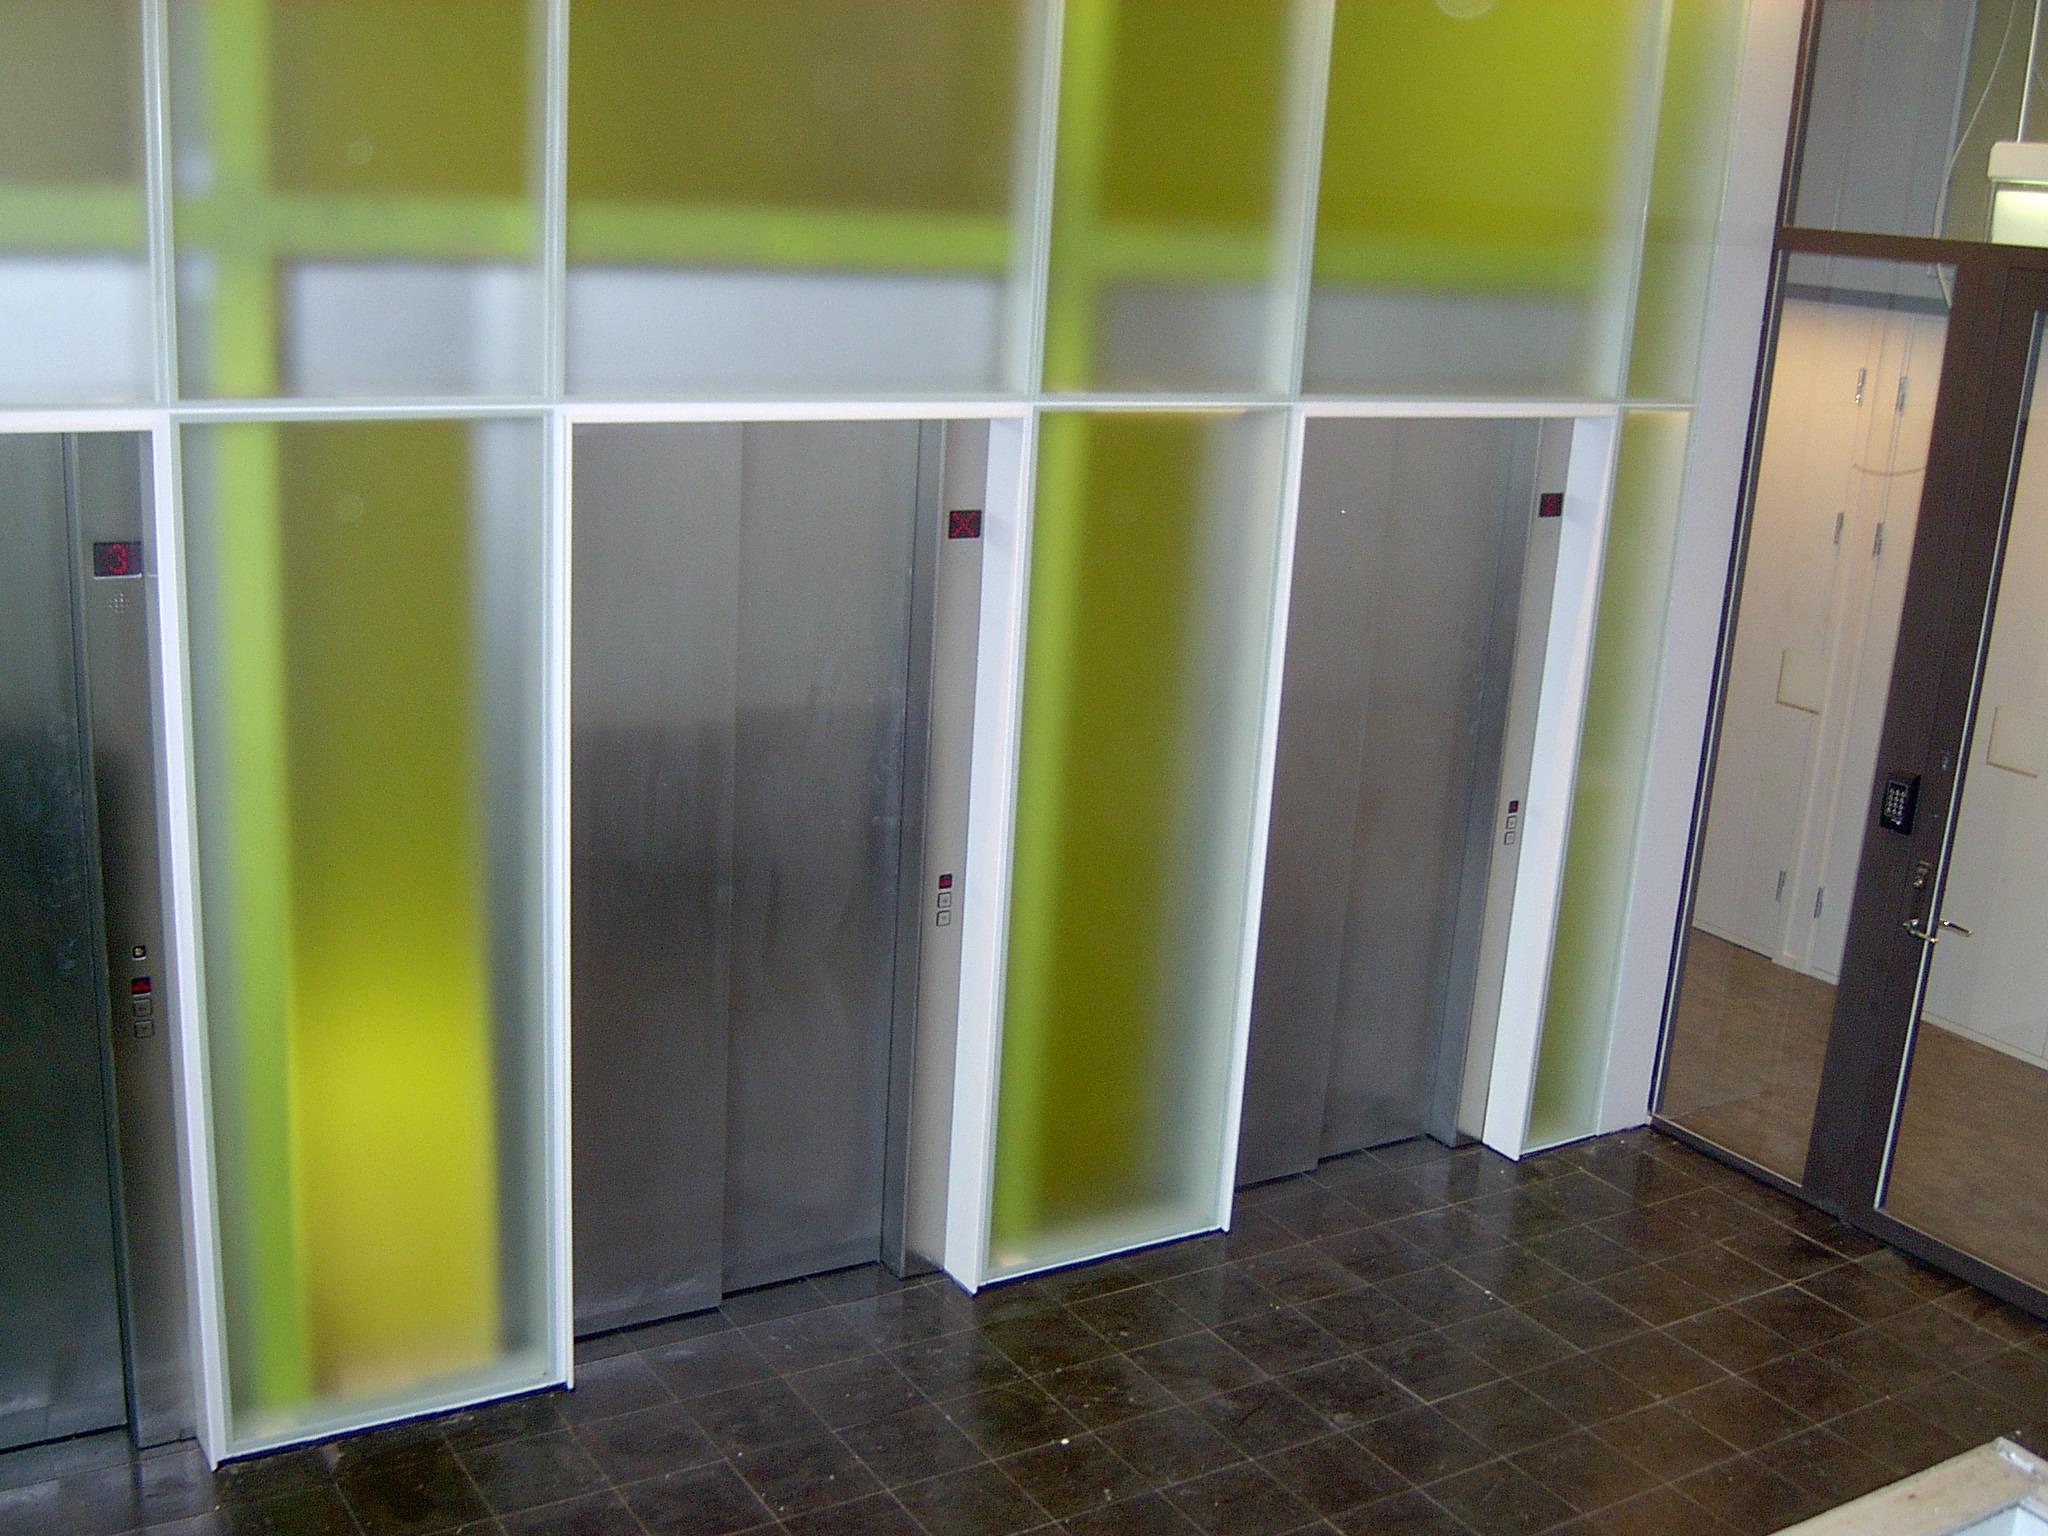 Elevatorer med lys og frostet glas. Rustfaste inddækninger.